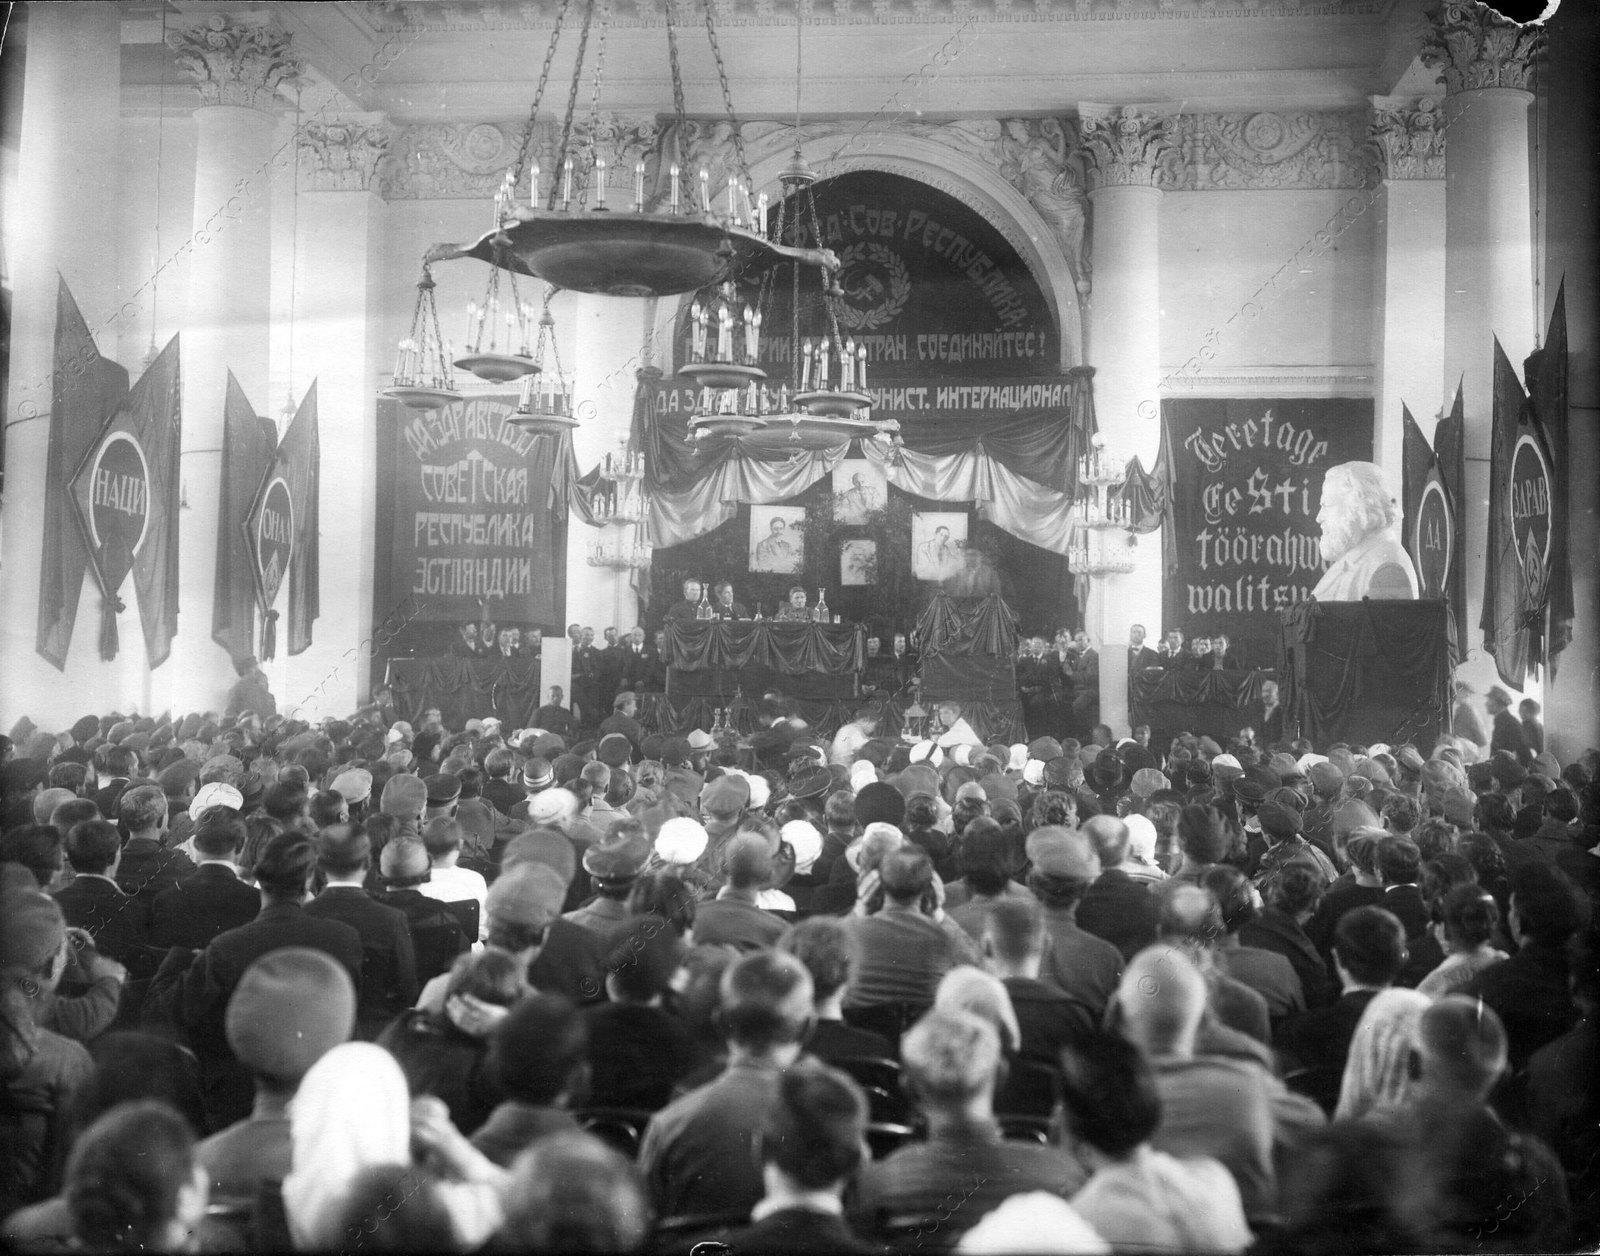 1919. Интернациональный митинг, посвященный представителям Эстонского пролетариата